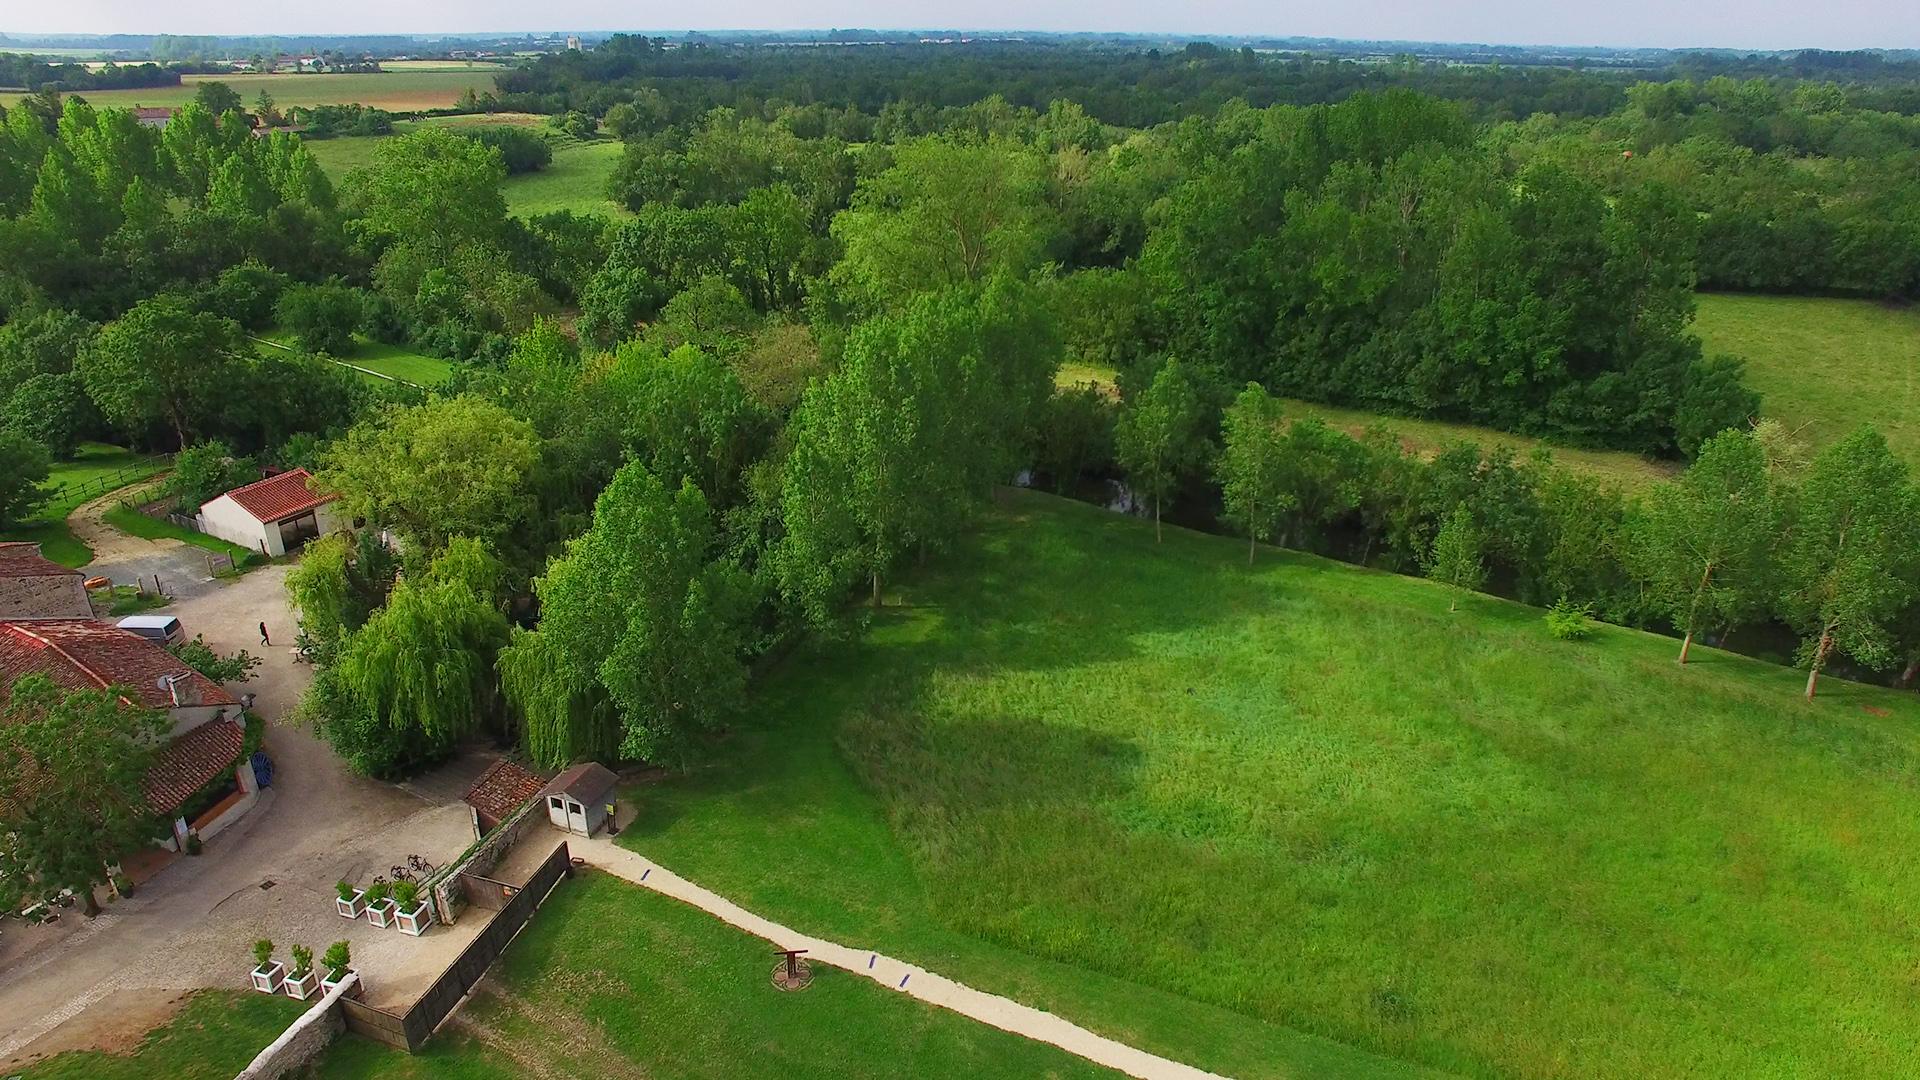 Les arbres du Parc naturel régional du Marais poitevin ©Ludovic Sarrazin